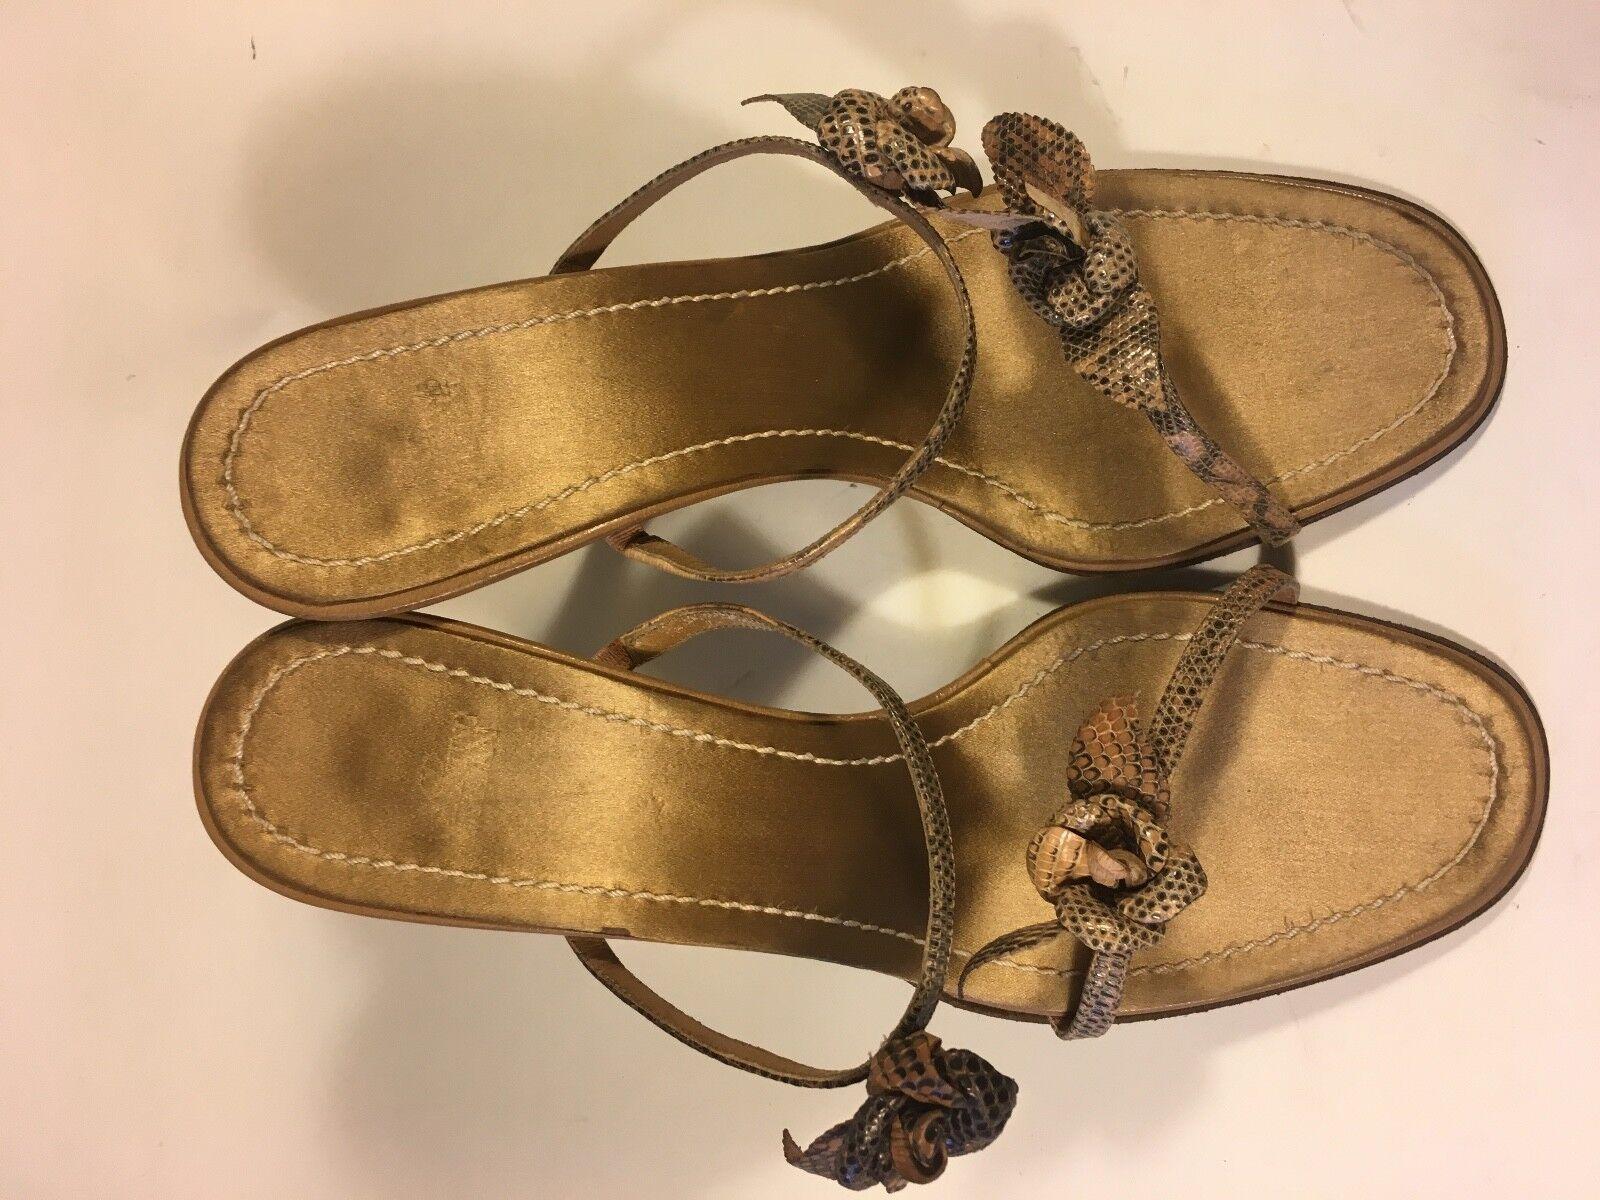 Valentino, SALE slingback high heel, snake snake snake skin, silk inner, leather sole 20 b957d4